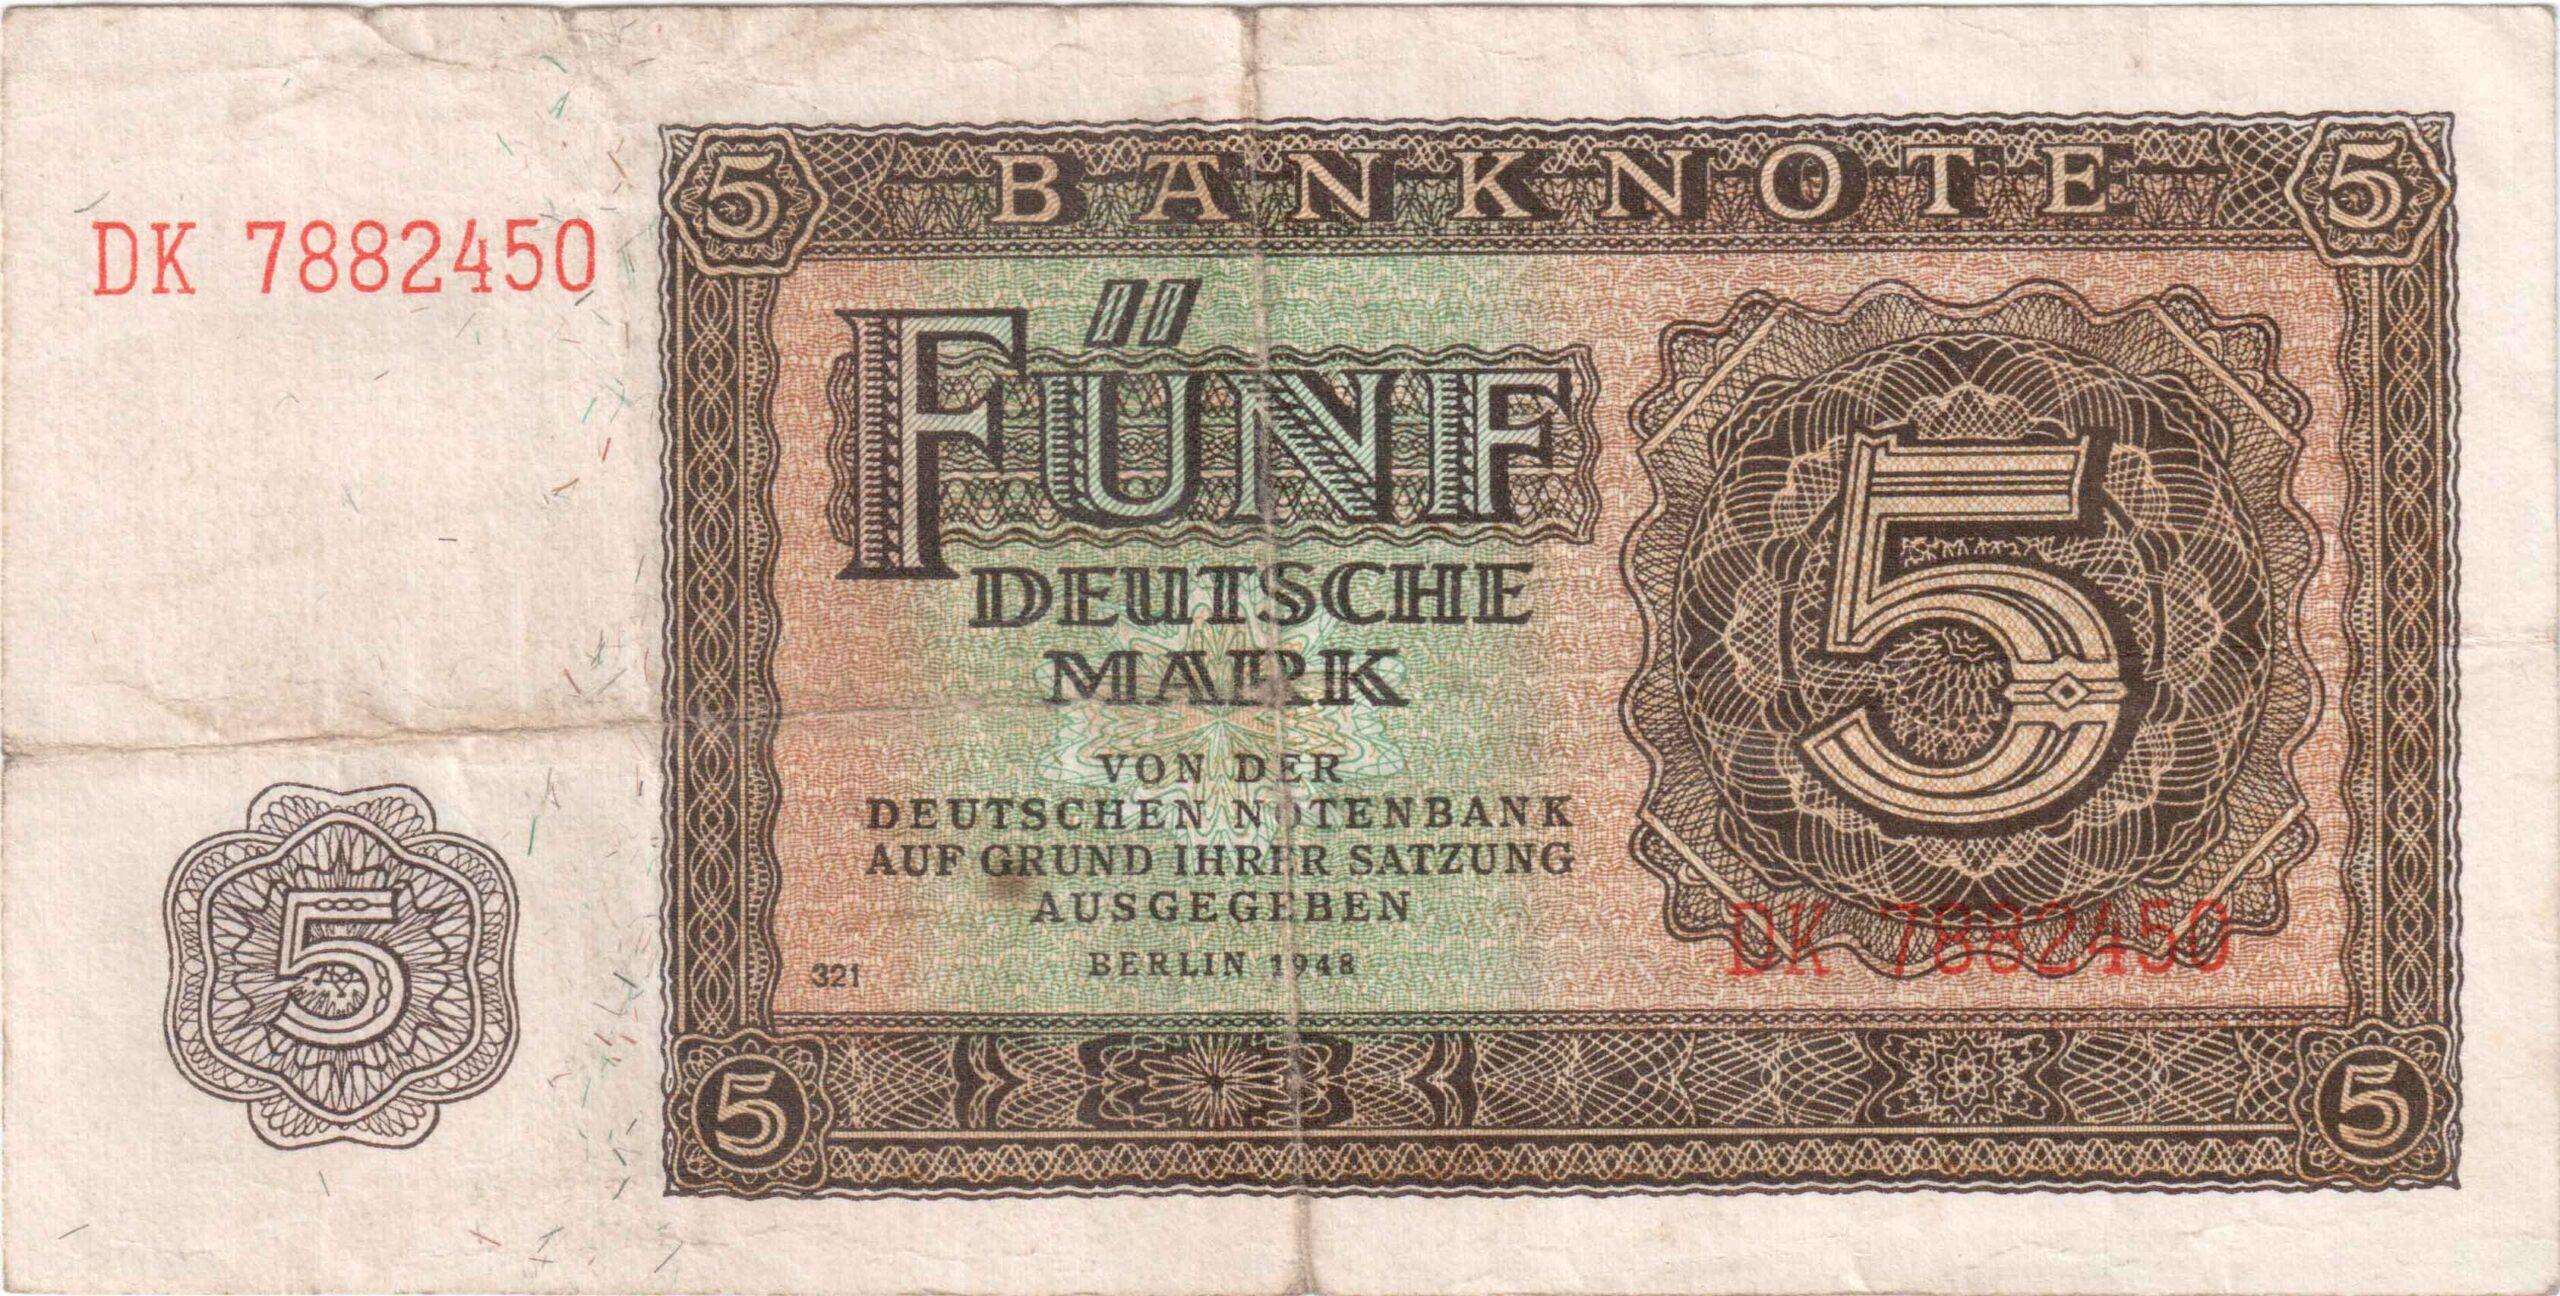 Fünfmarkschein der DDR von 1948, Ro. 342, Vorderseite